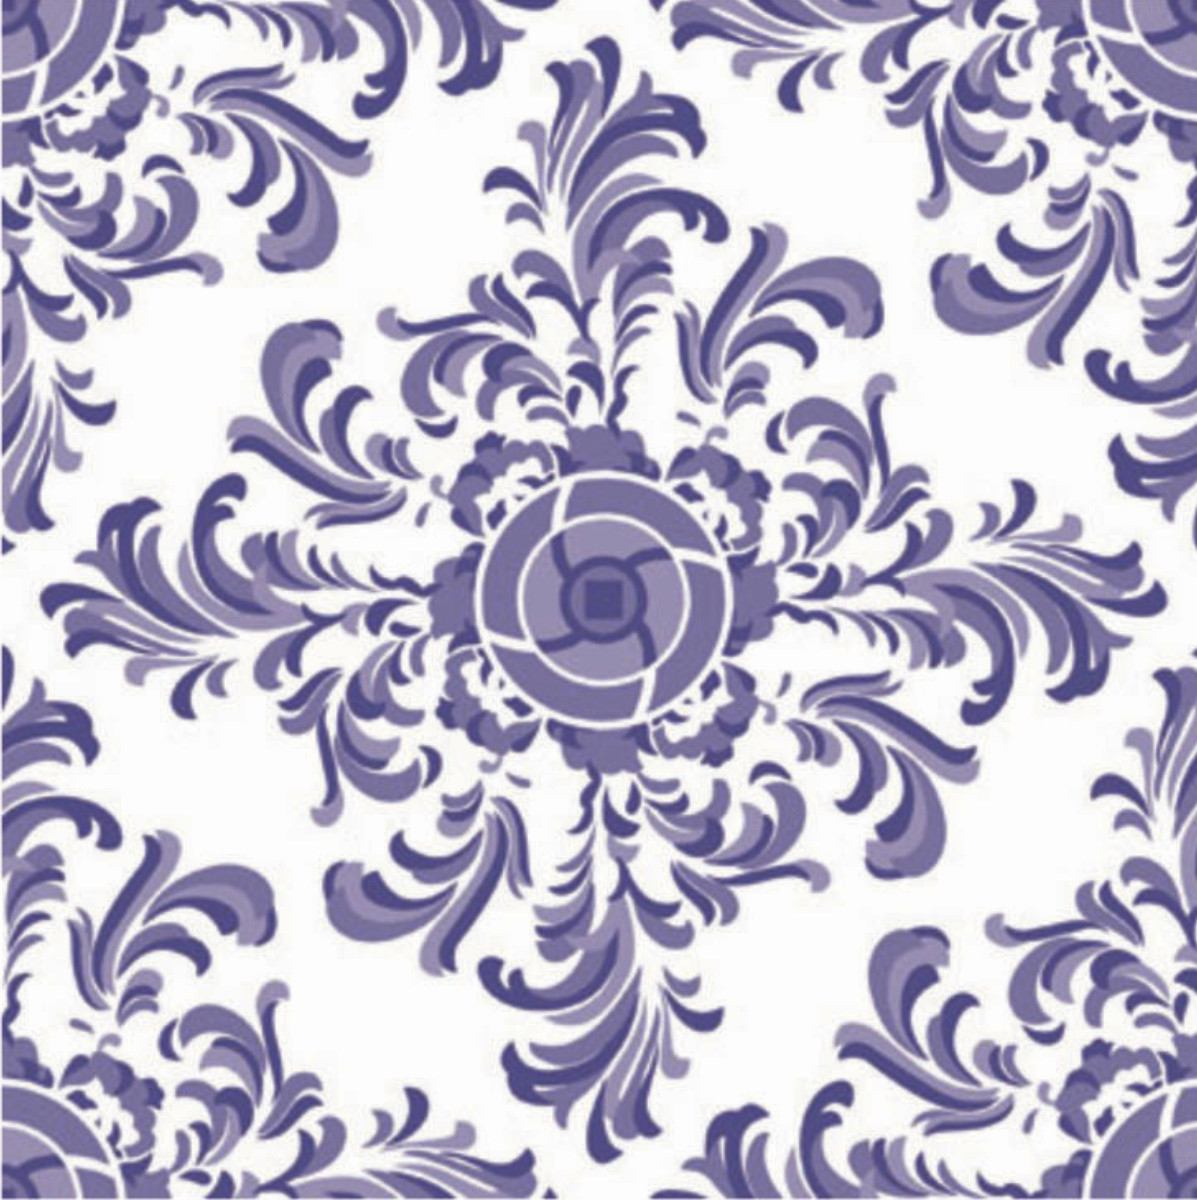 Adesivo Para Boca De Violão ~ Adesivo Pastilha Azulejo Ladrilho Hidráulico Ou Parede 10cm R$ 1,58 em Mercado Livre